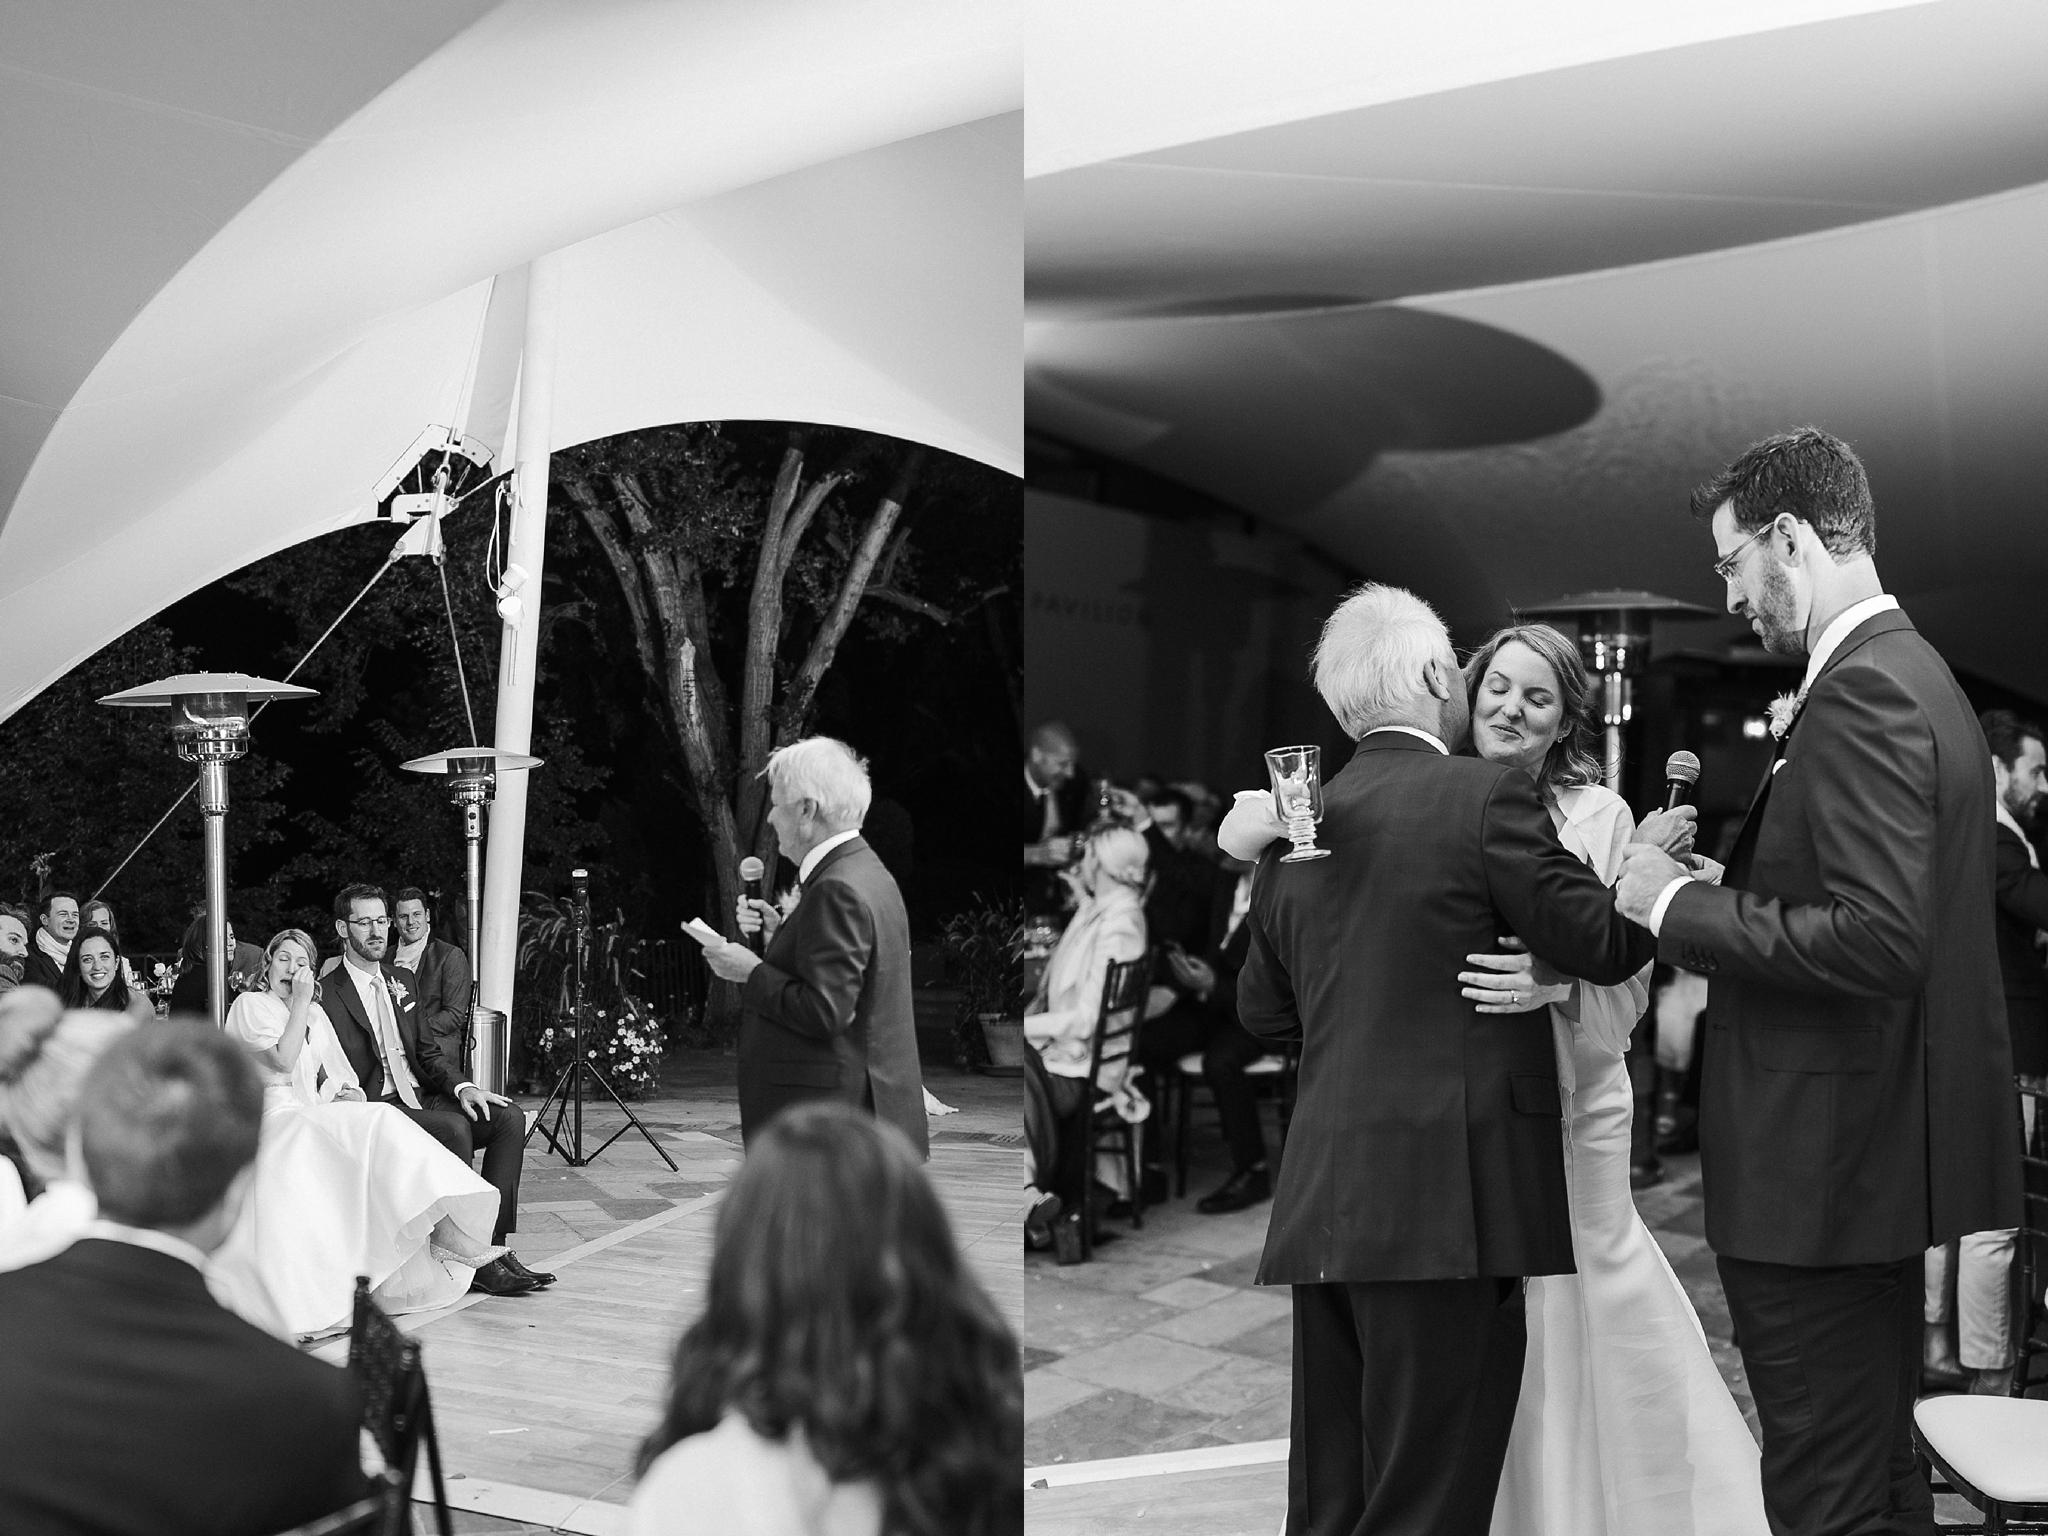 Alicia+lucia+photography+-+albuquerque+wedding+photographer+-+santa+fe+wedding+photography+-+new+mexico+wedding+photographer+-+new+mexico+wedding+-+wedding+photographer+-+wedding+photographer+team_0018.jpg